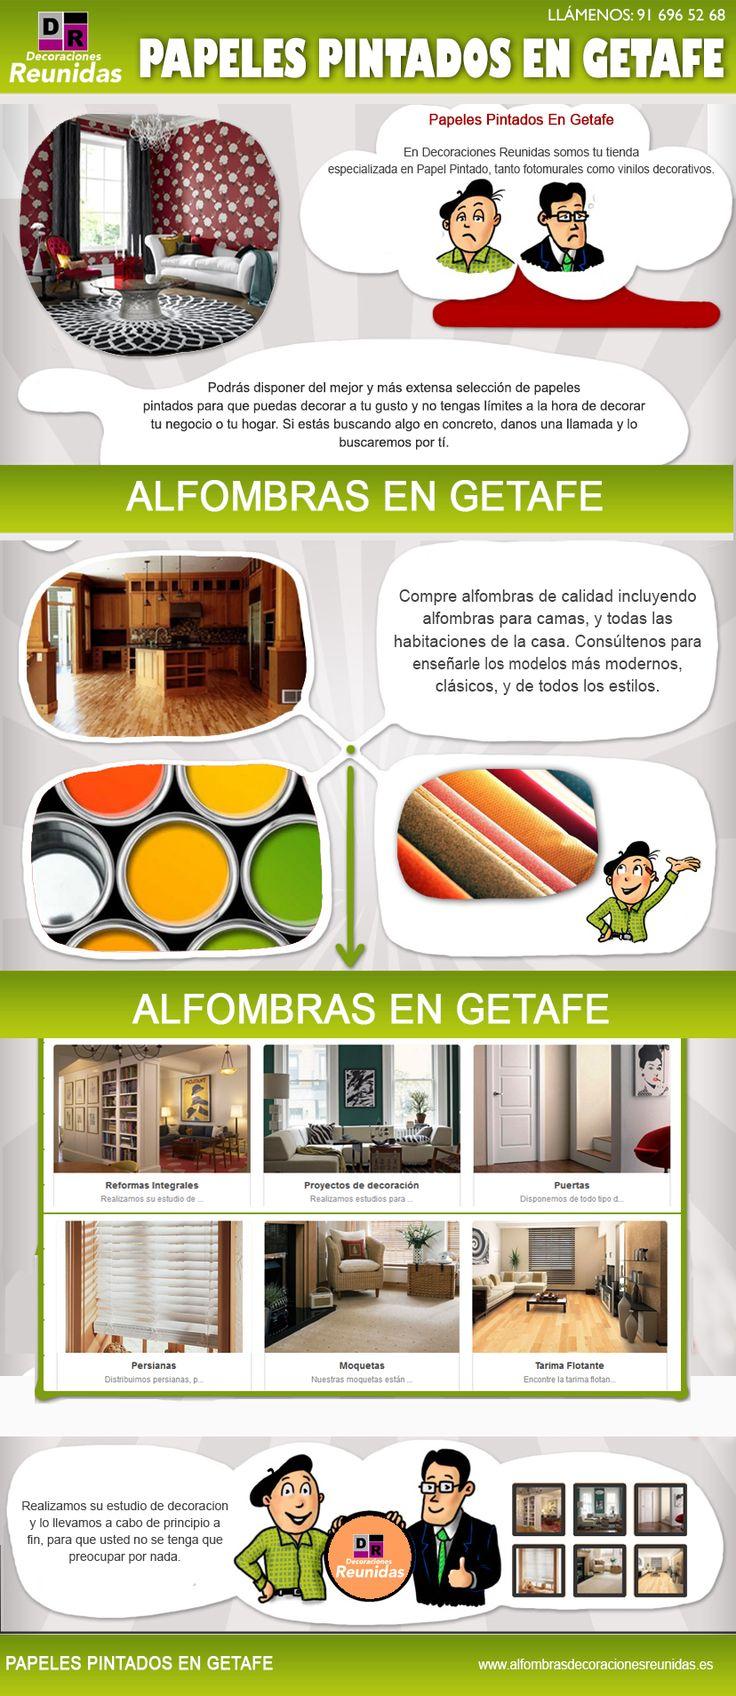 La belleza de alfombras en getafe es evidente en la abrumadora selección de estilos, los patrones y colores en el que se ofrece. Antes de optar por utilizar un estilo particular que usted debe considerar cuánto recibirán las áreas a ser alfombradas y si usted será capaz de mantener limpia la alfombra. Navegar por este sitio http://alfombrasdecoracionesreunidas.es/portfolio-item/alfombras/ para obtener más información sobre alfombras en getafe.